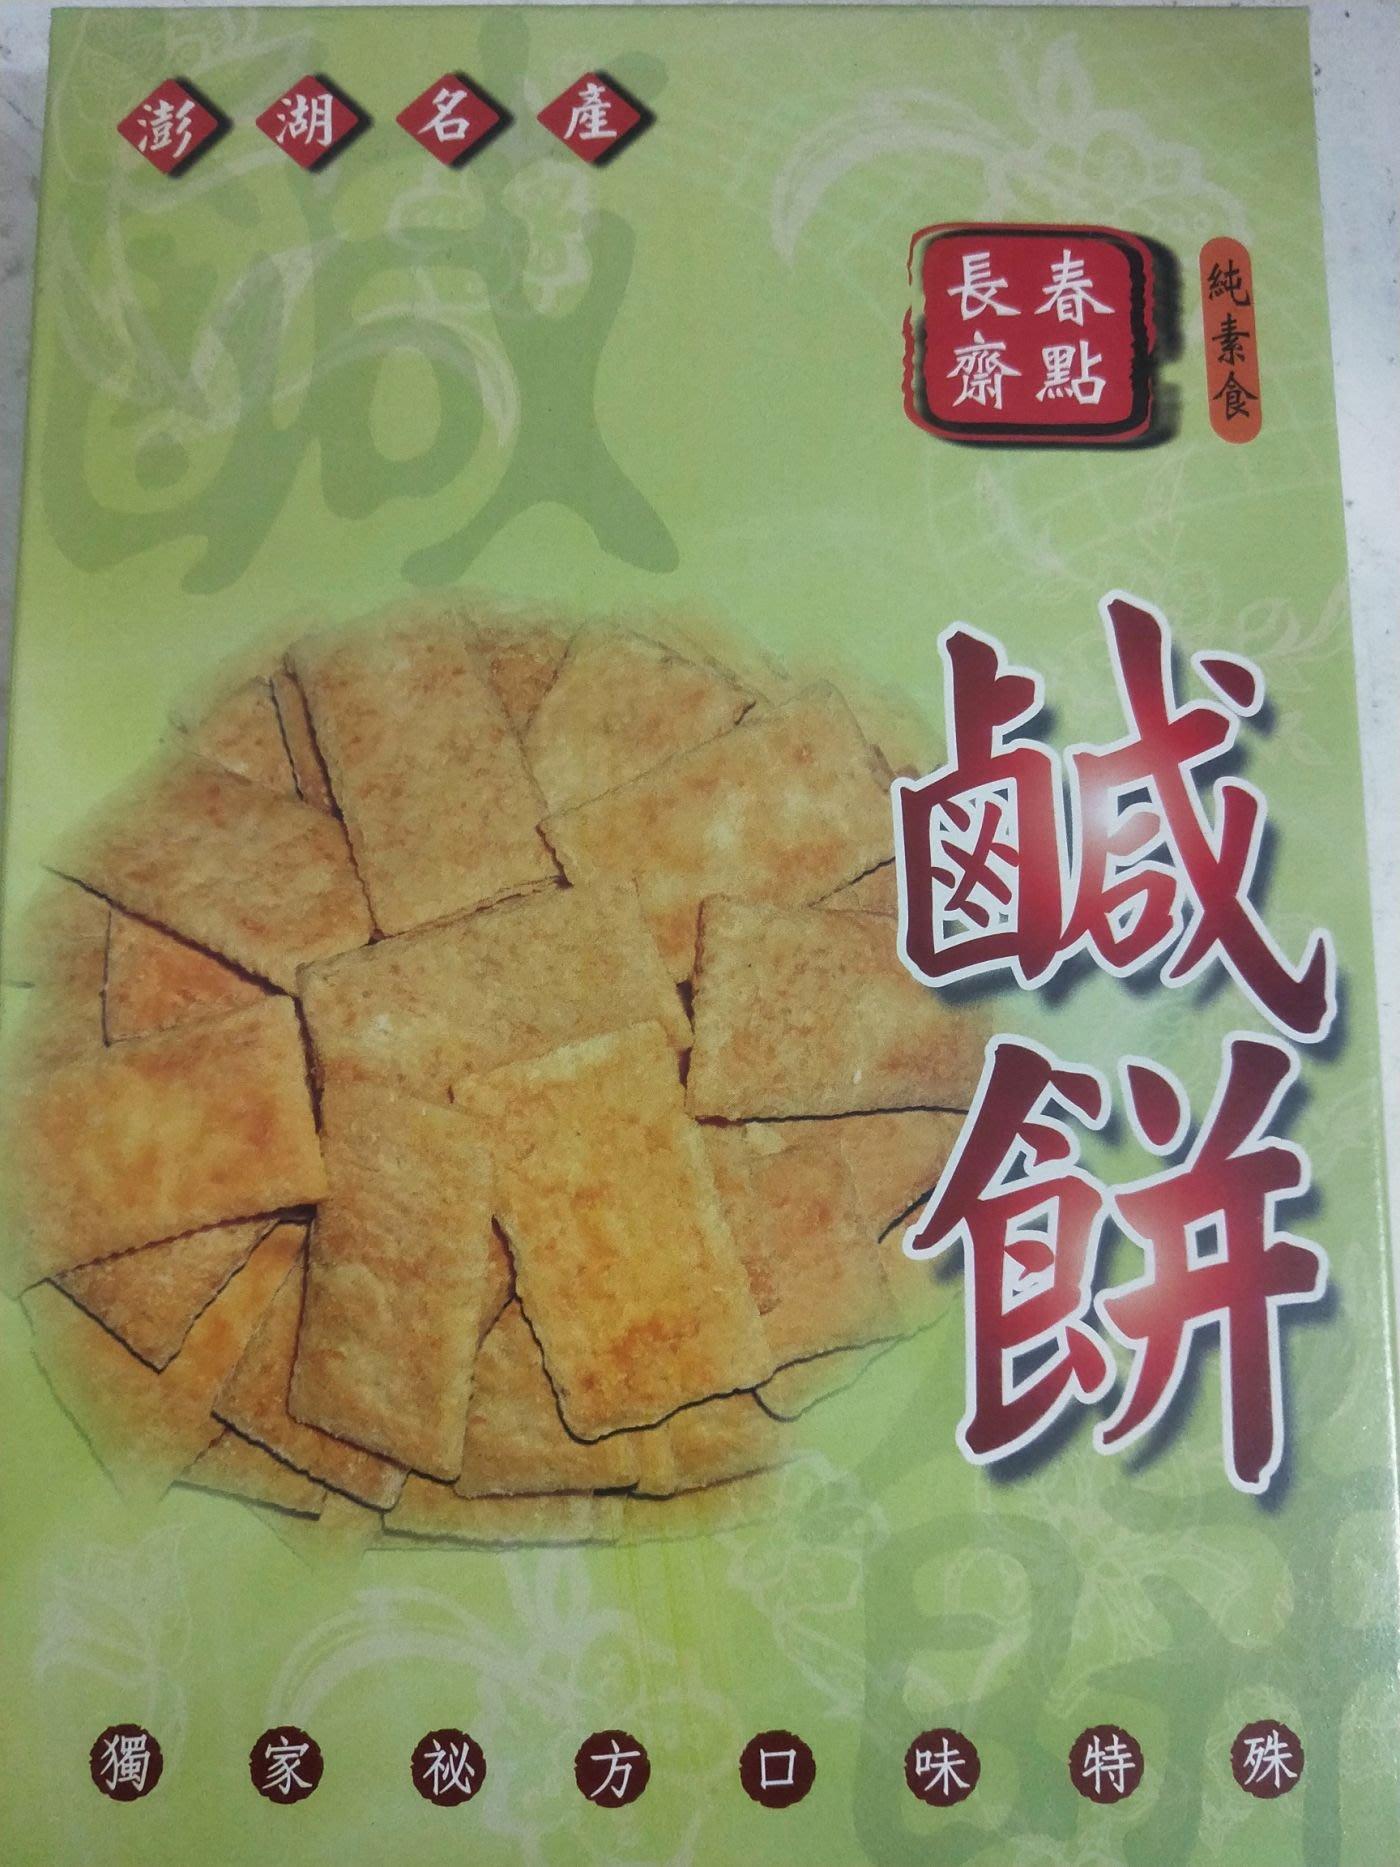 一組10盒!!暢銷商品澎湖名產長春鹹餅**素食**